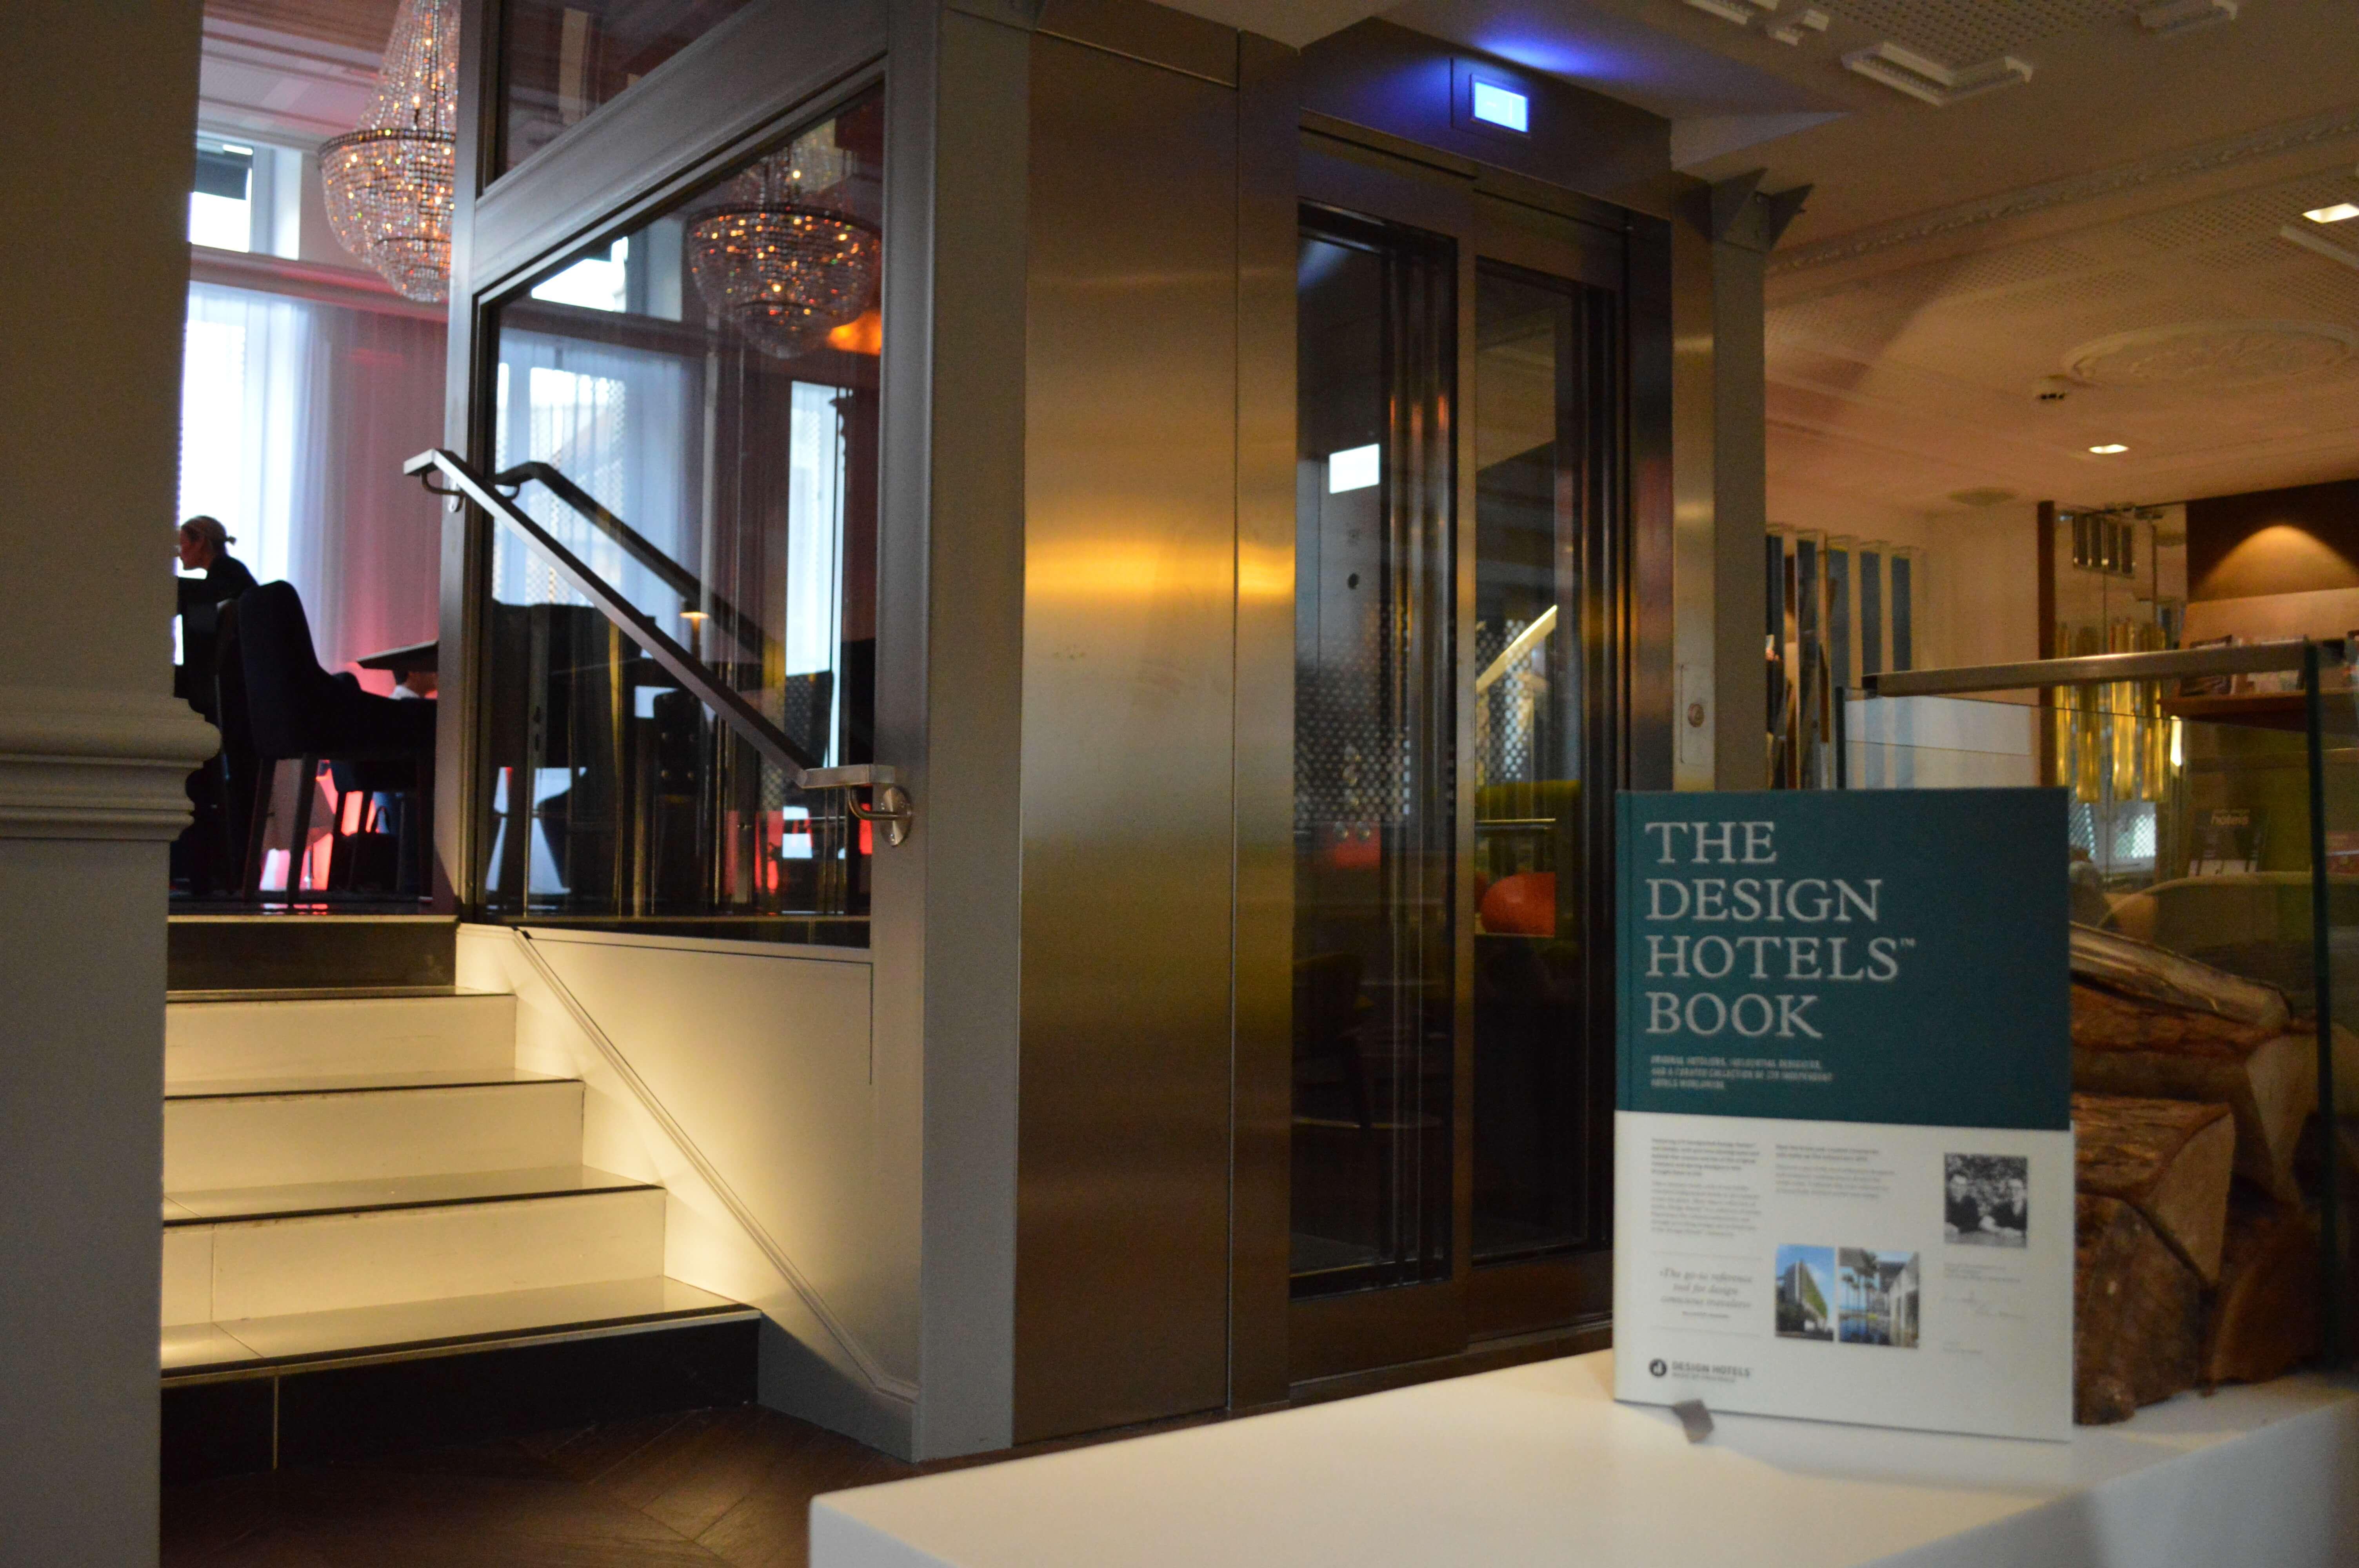 pose ascenseur neuf hôtel dijon - EM Ascenseurs spécialiste